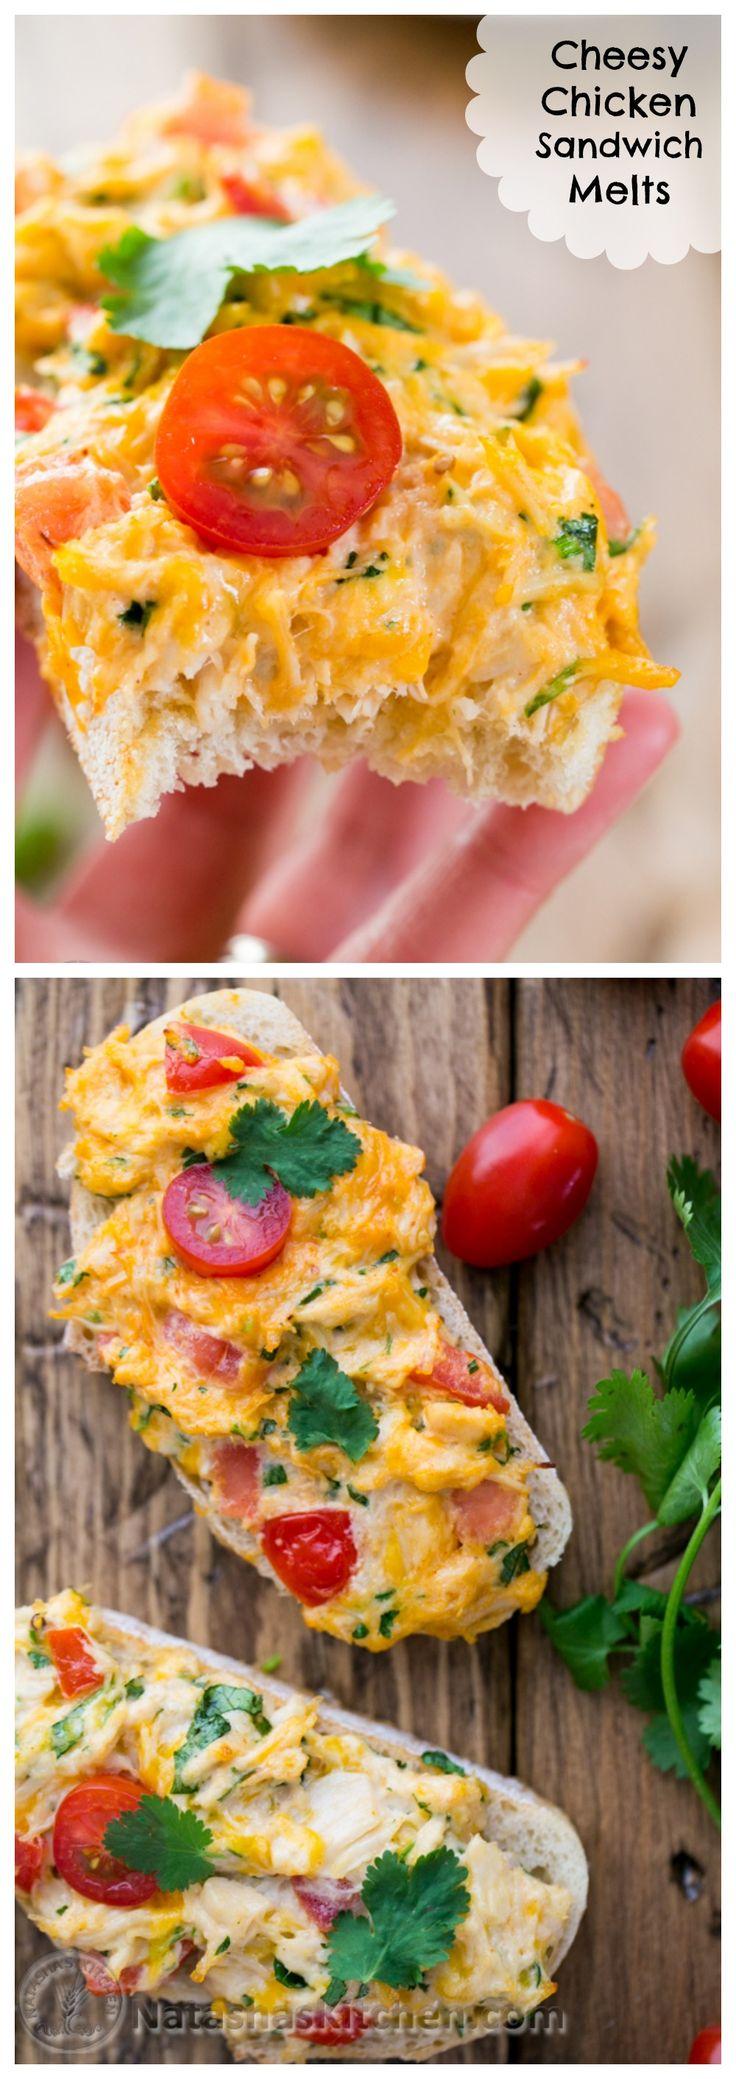 Easy Chicken Sandwich Melts